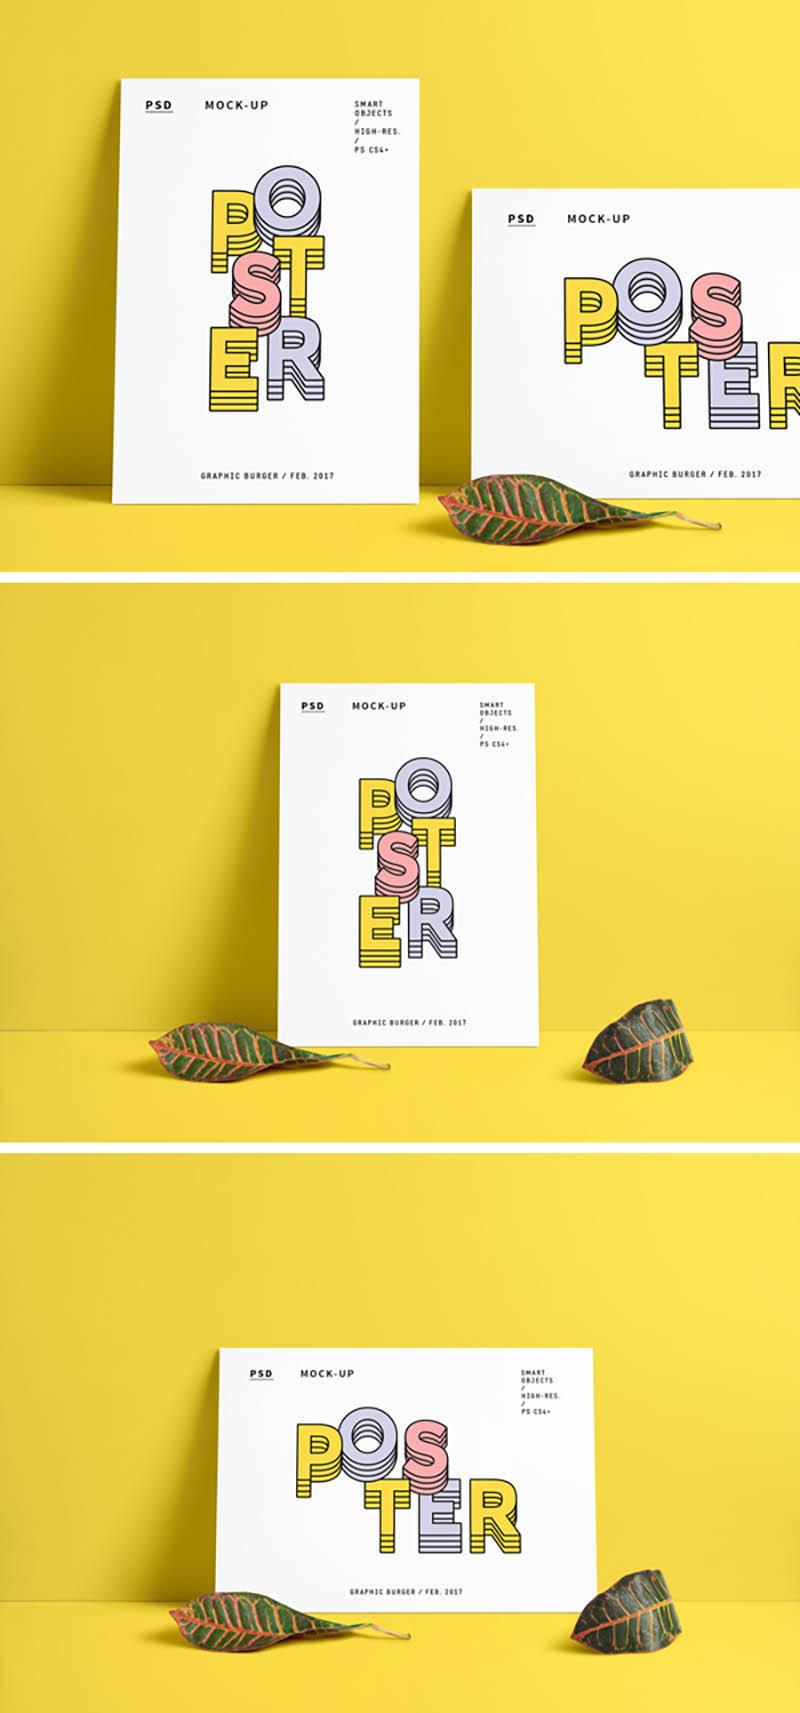 Des1gnON | Recursos GRÁTIS para Designers - 10 Mockups Fantásticos